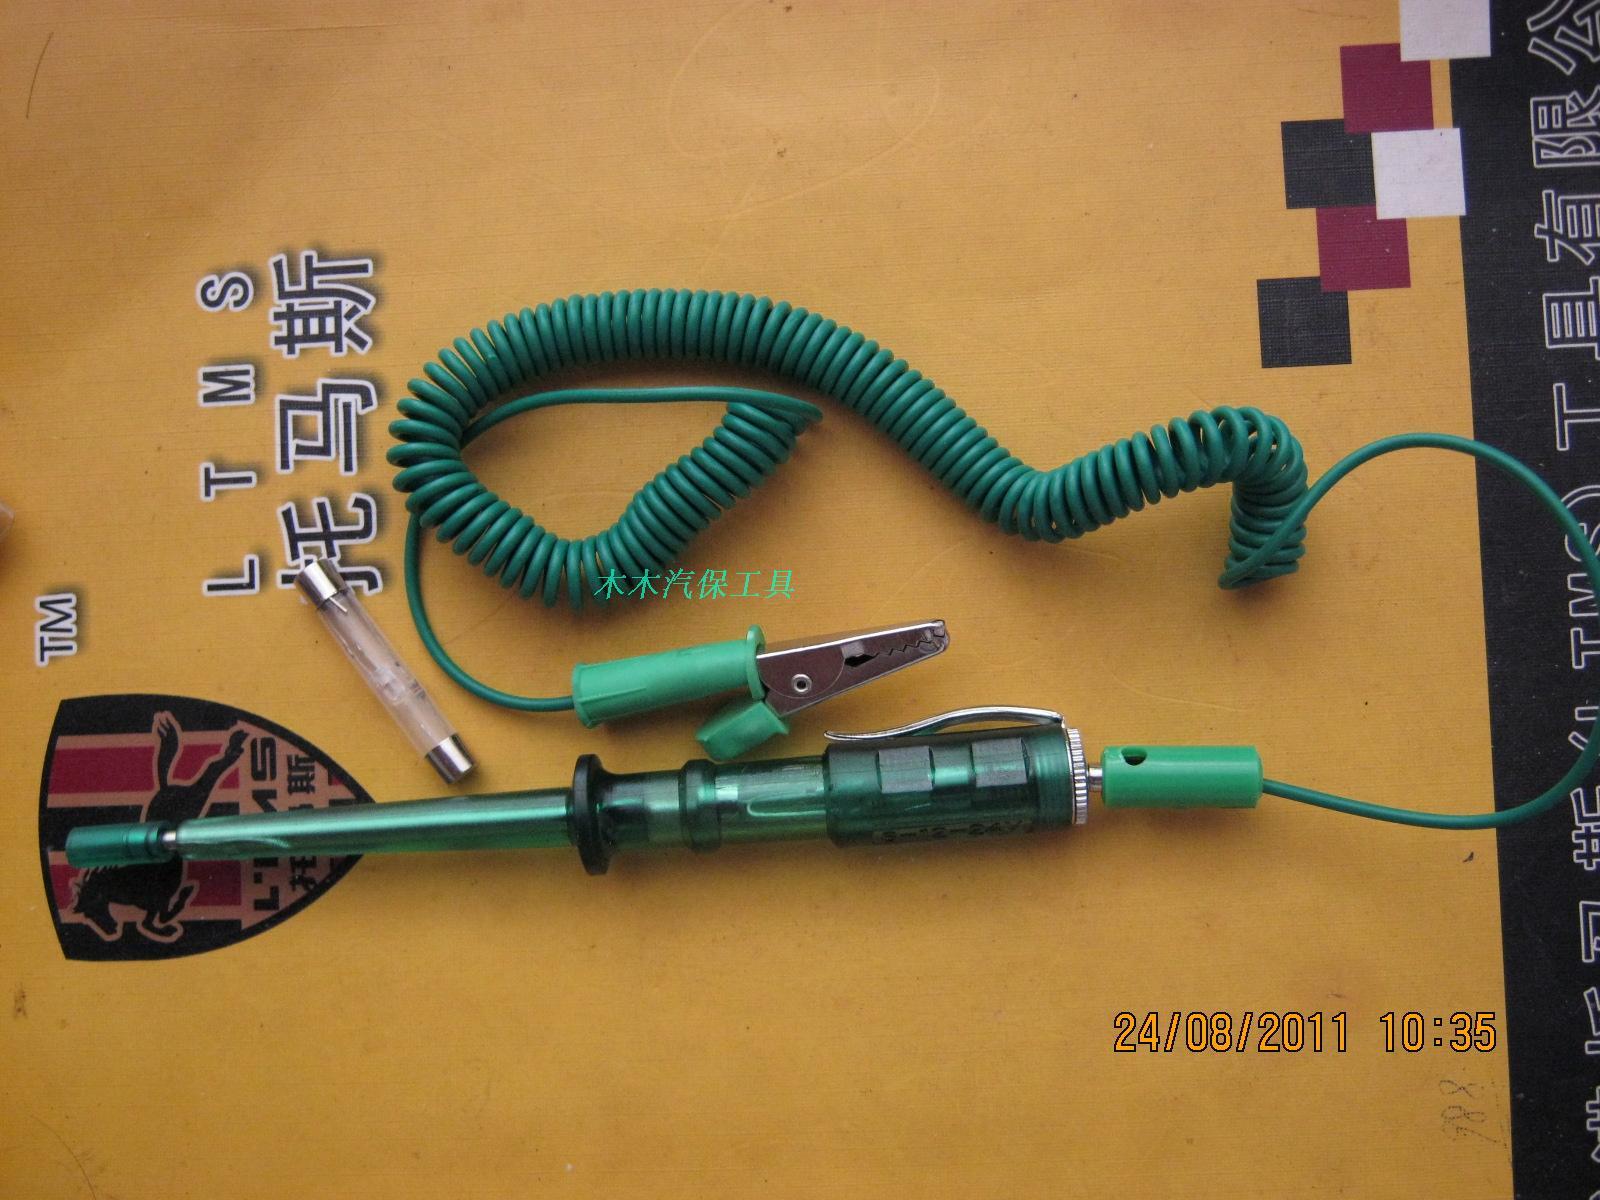 6-24v绿色弹簧线路电笔测试电笔/汽修汽保工具/托马斯工具